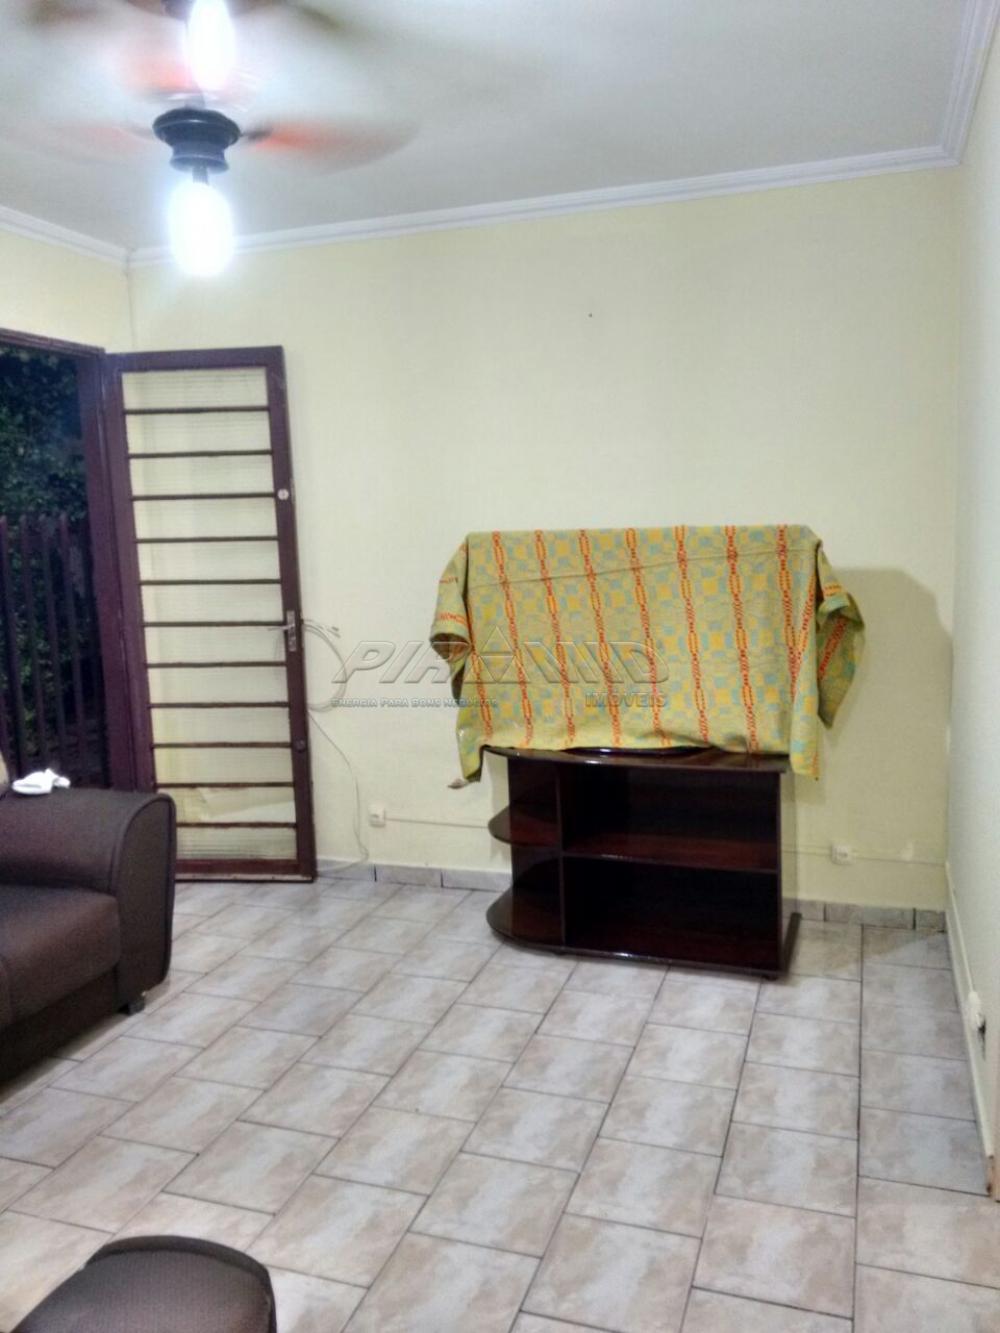 Comprar Casa / Padrão em Ribeirão Preto apenas R$ 210.000,00 - Foto 4